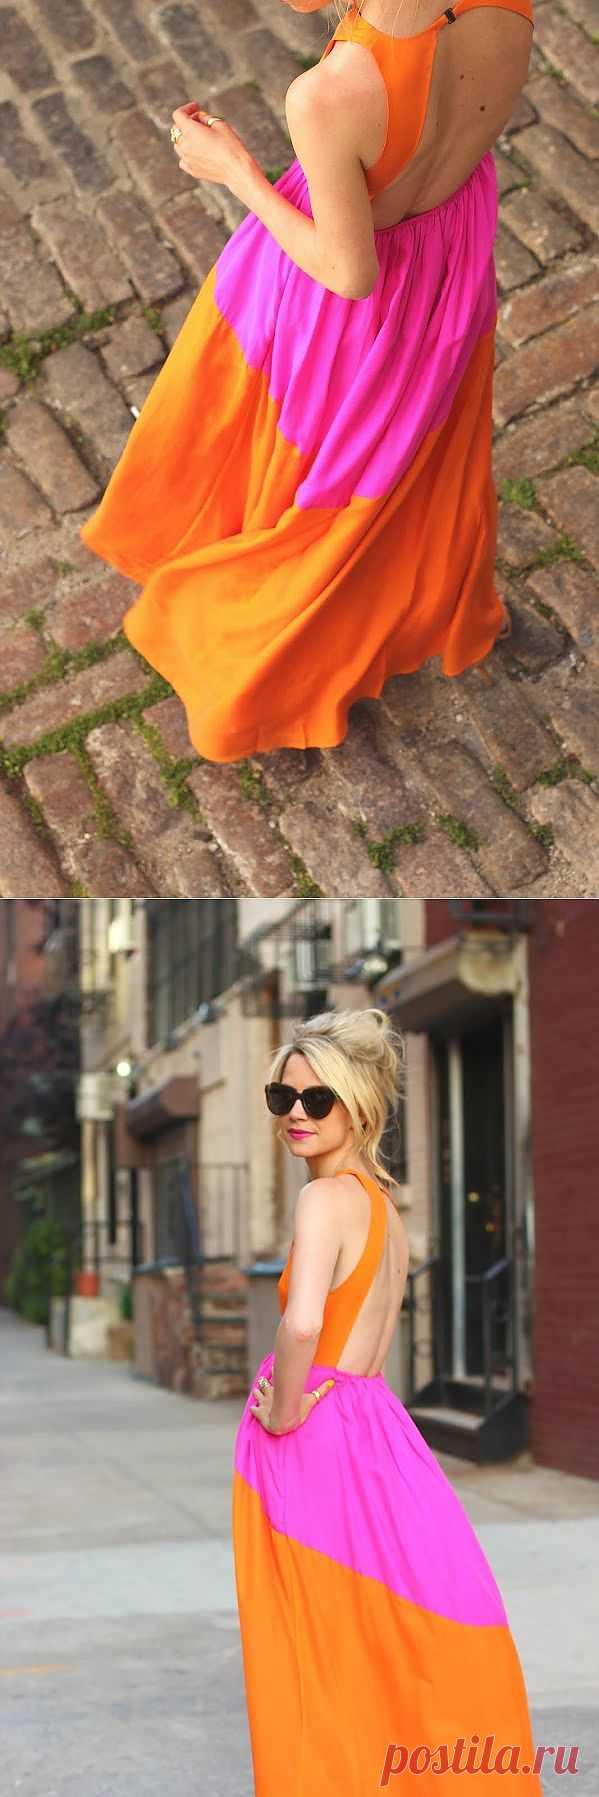 Красивое платье / Декор спины / Модный сайт о стильной переделке одежды и интерьера